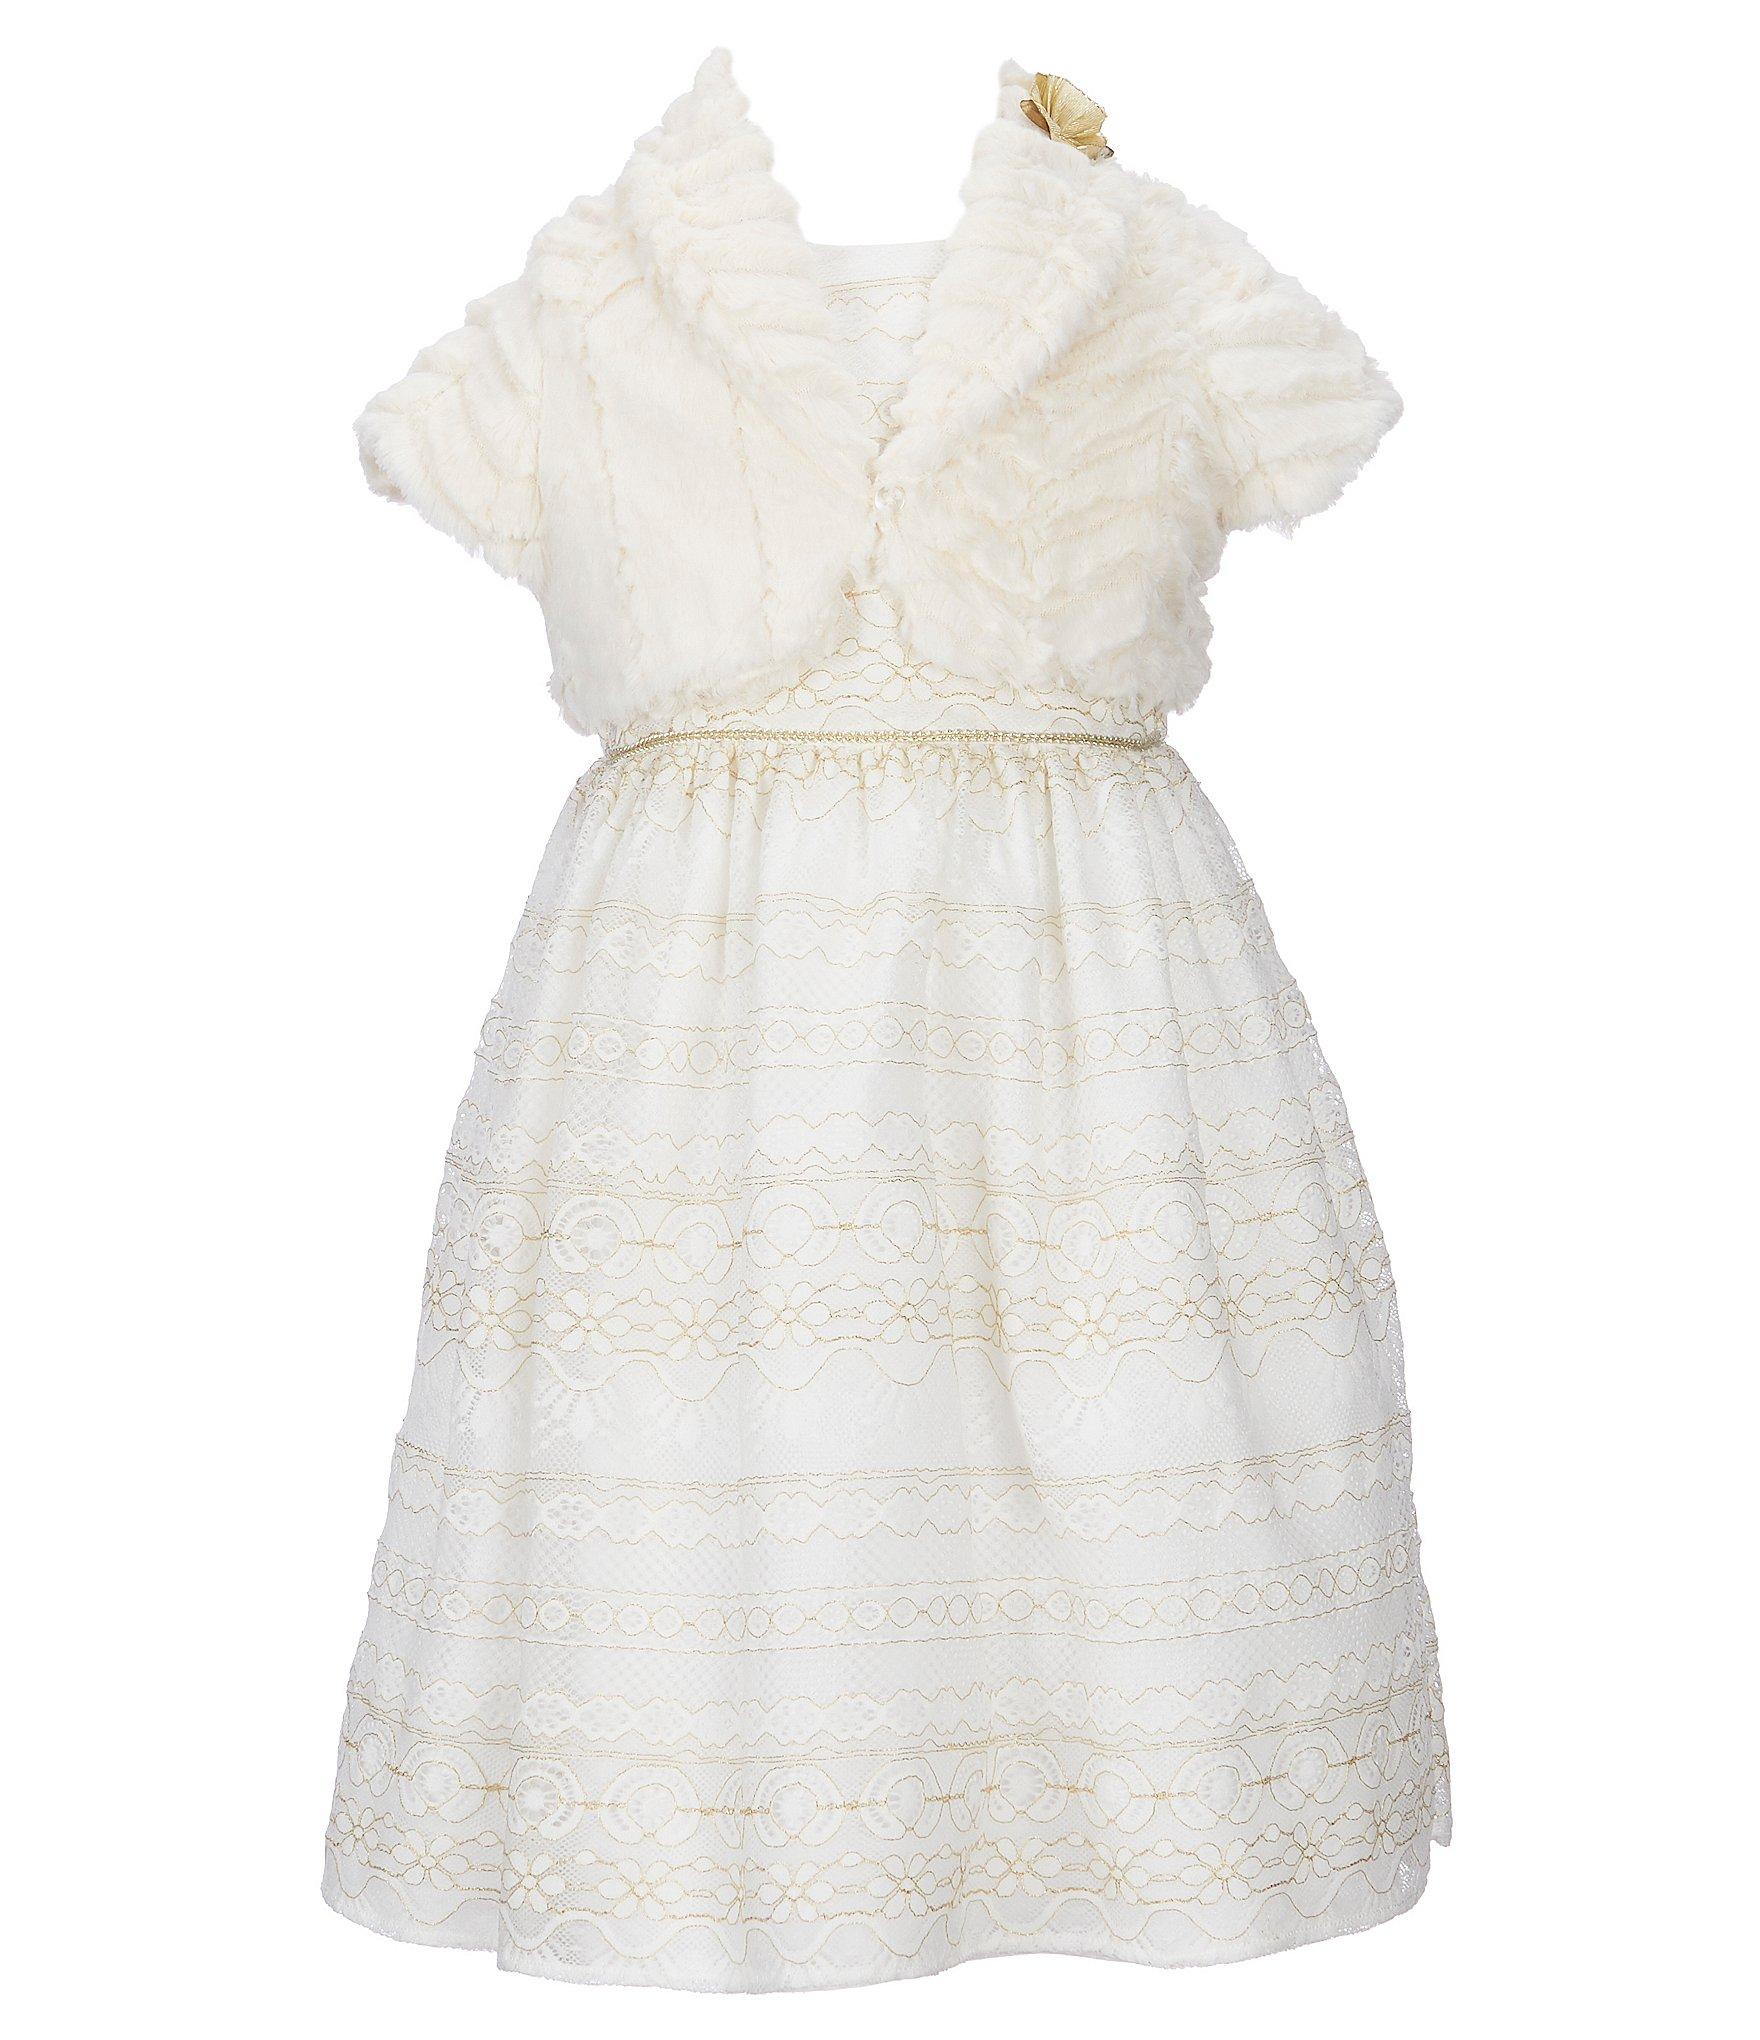 e0b8a7423 A-line Girls  Special Occasion Dresses 2T-6X